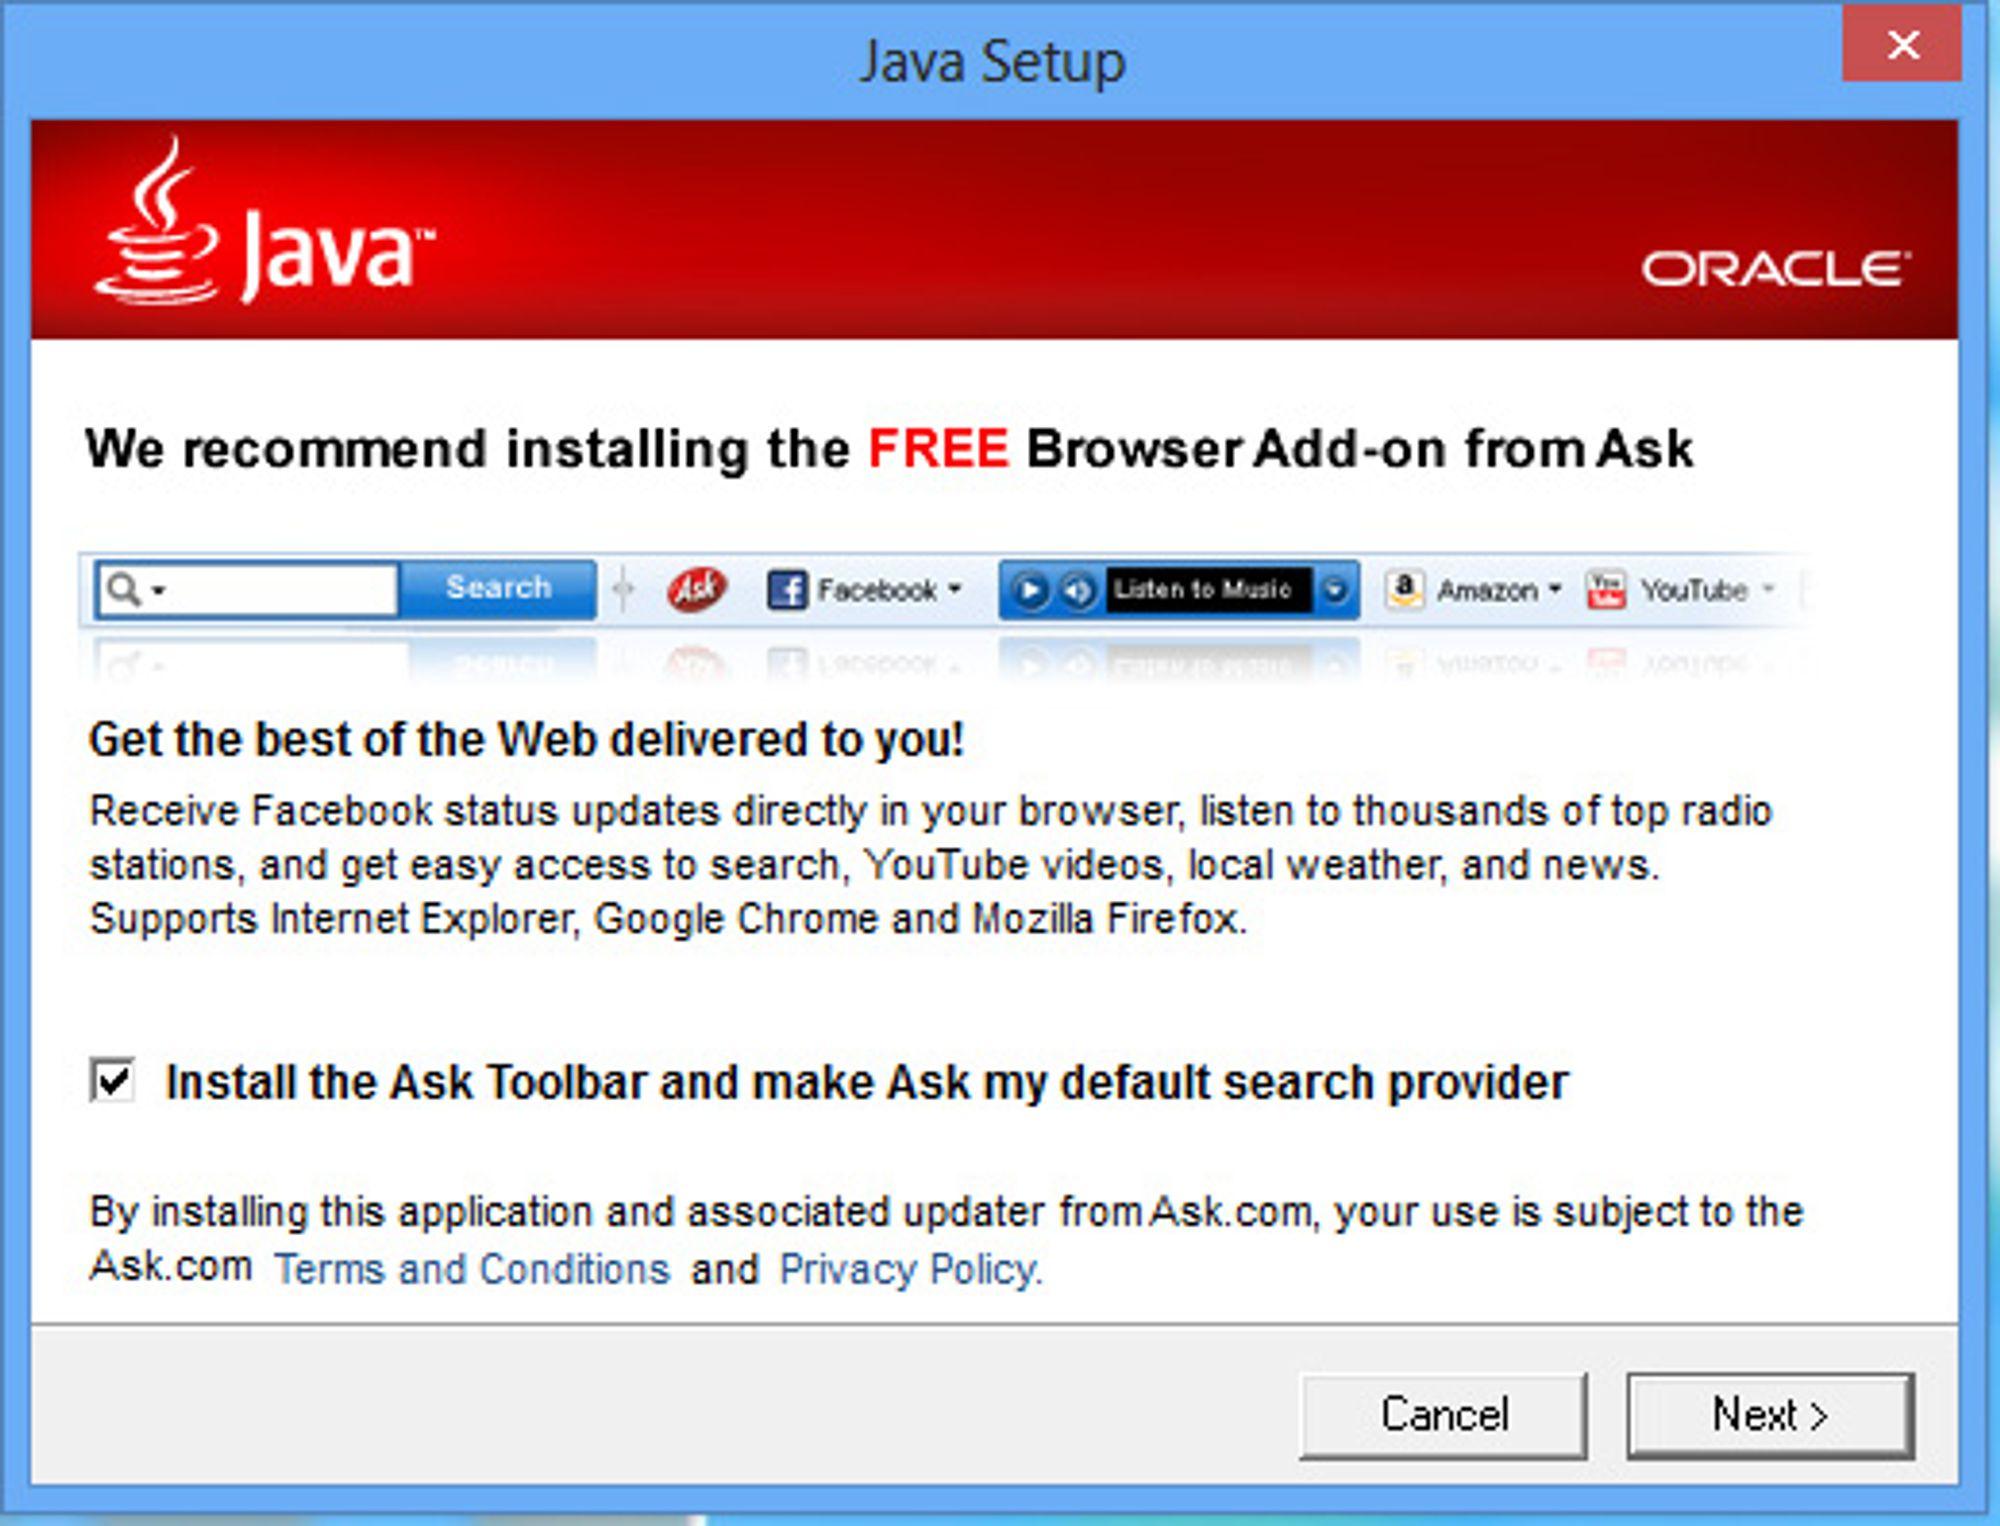 Boksen for å installere Ask er alltid huket av som standard.